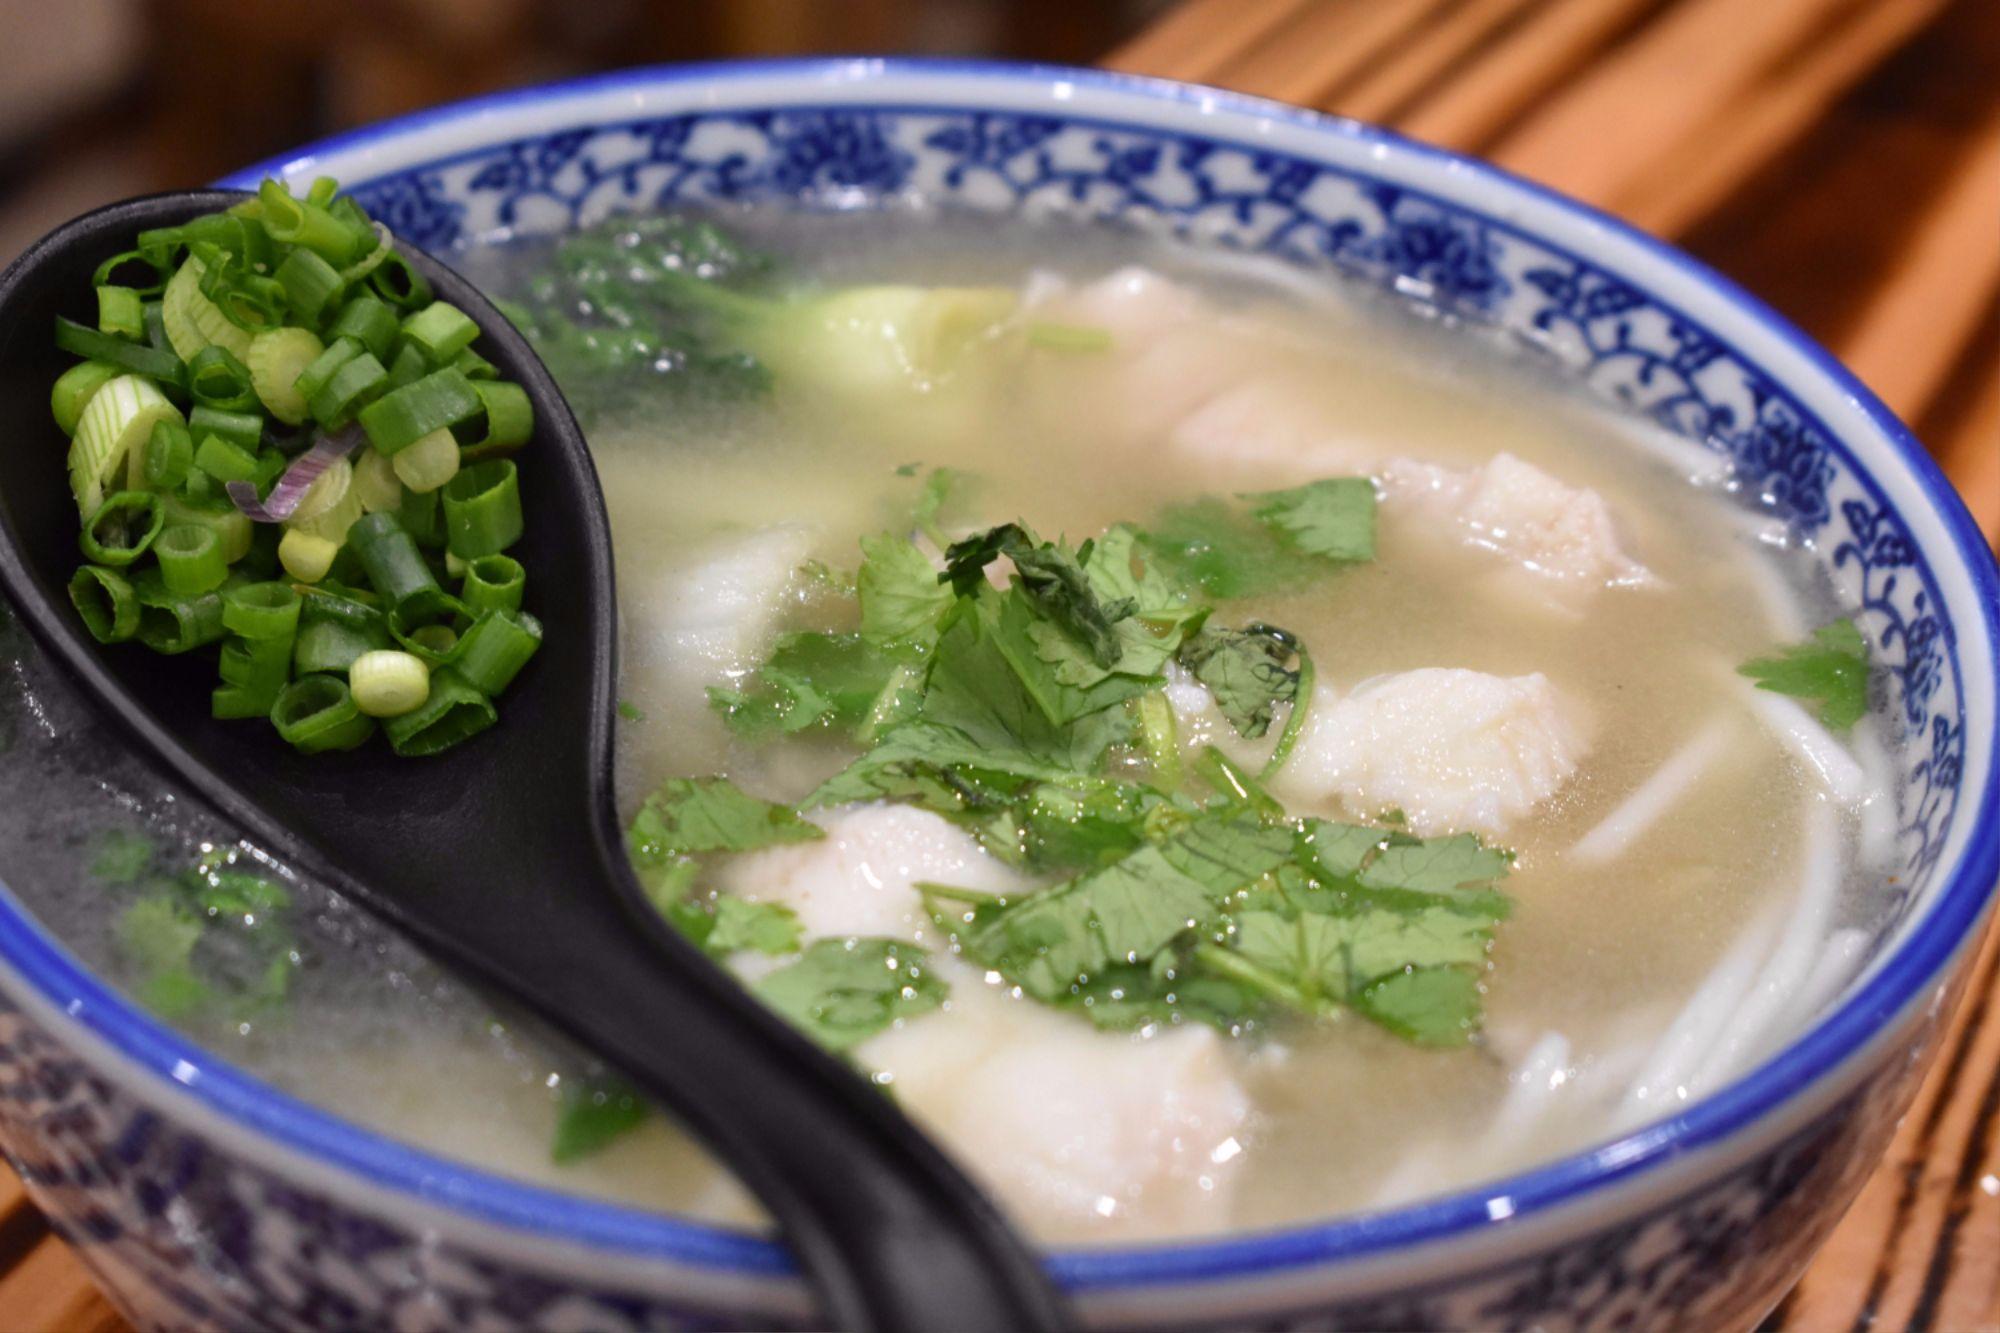 Go noodle house noodles soup fish